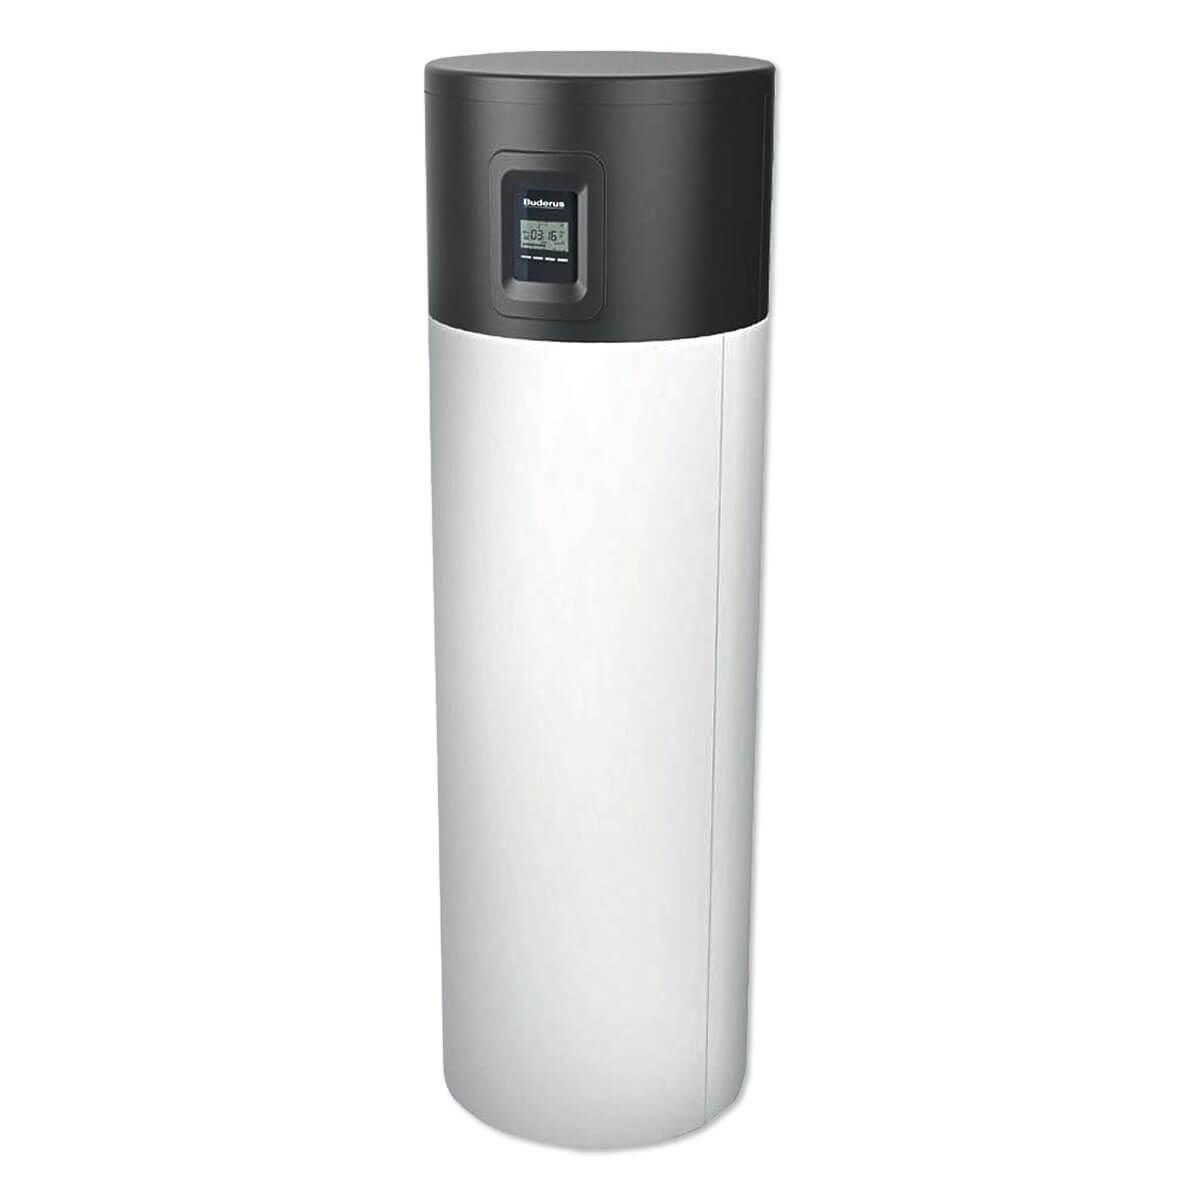 BUDERUS Trinkwasser-Wärmepumpe Logatherm WPT 250 IS mit zus ...